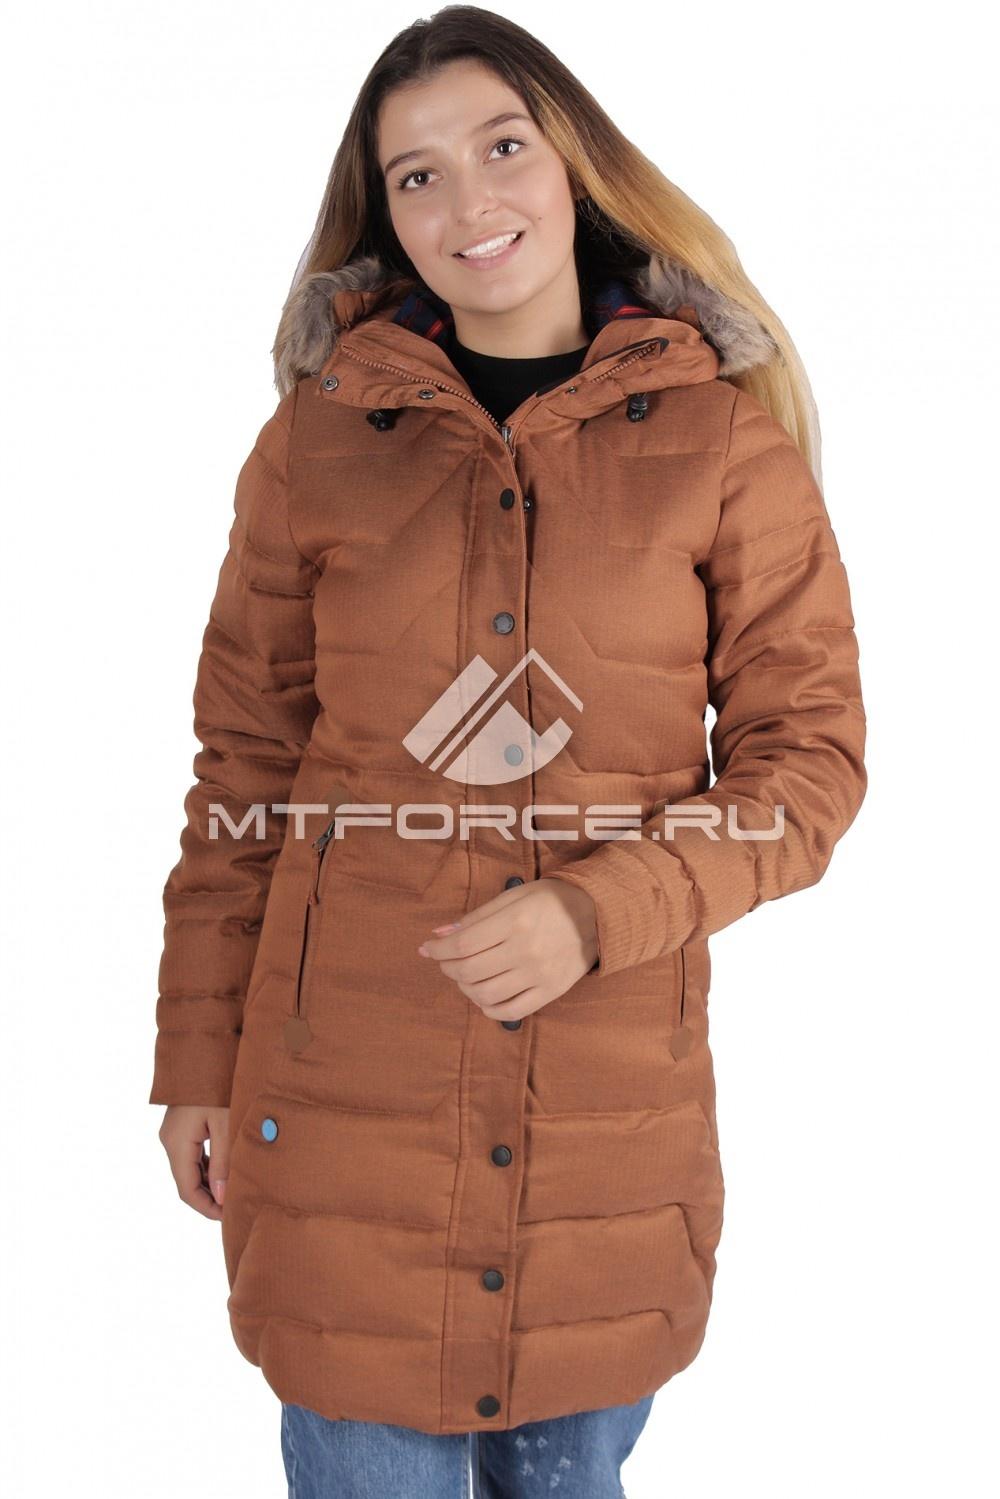 Купить                                  оптом Куртка зимняя женская коричневого цвета F01K